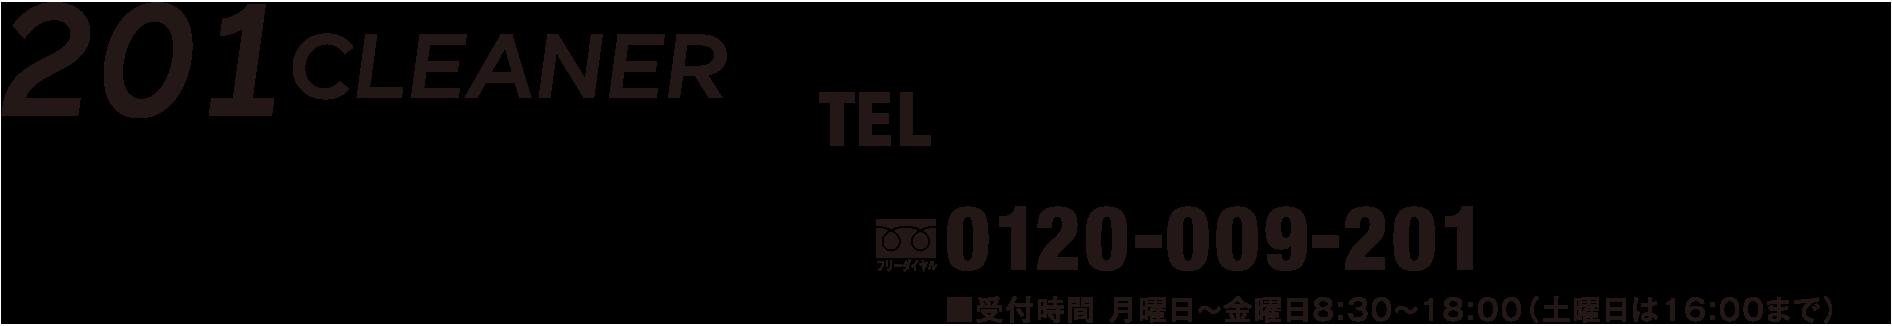 201 CLEANER 株式会社 廿日市クリーナー〒738-0023 広島県廿日市下平良2丁目1-5 TEL0829-39-2240(代表)0120-009-201■受付時間 月曜日〜金曜日8:30〜18:00(土曜日は16:00まで)